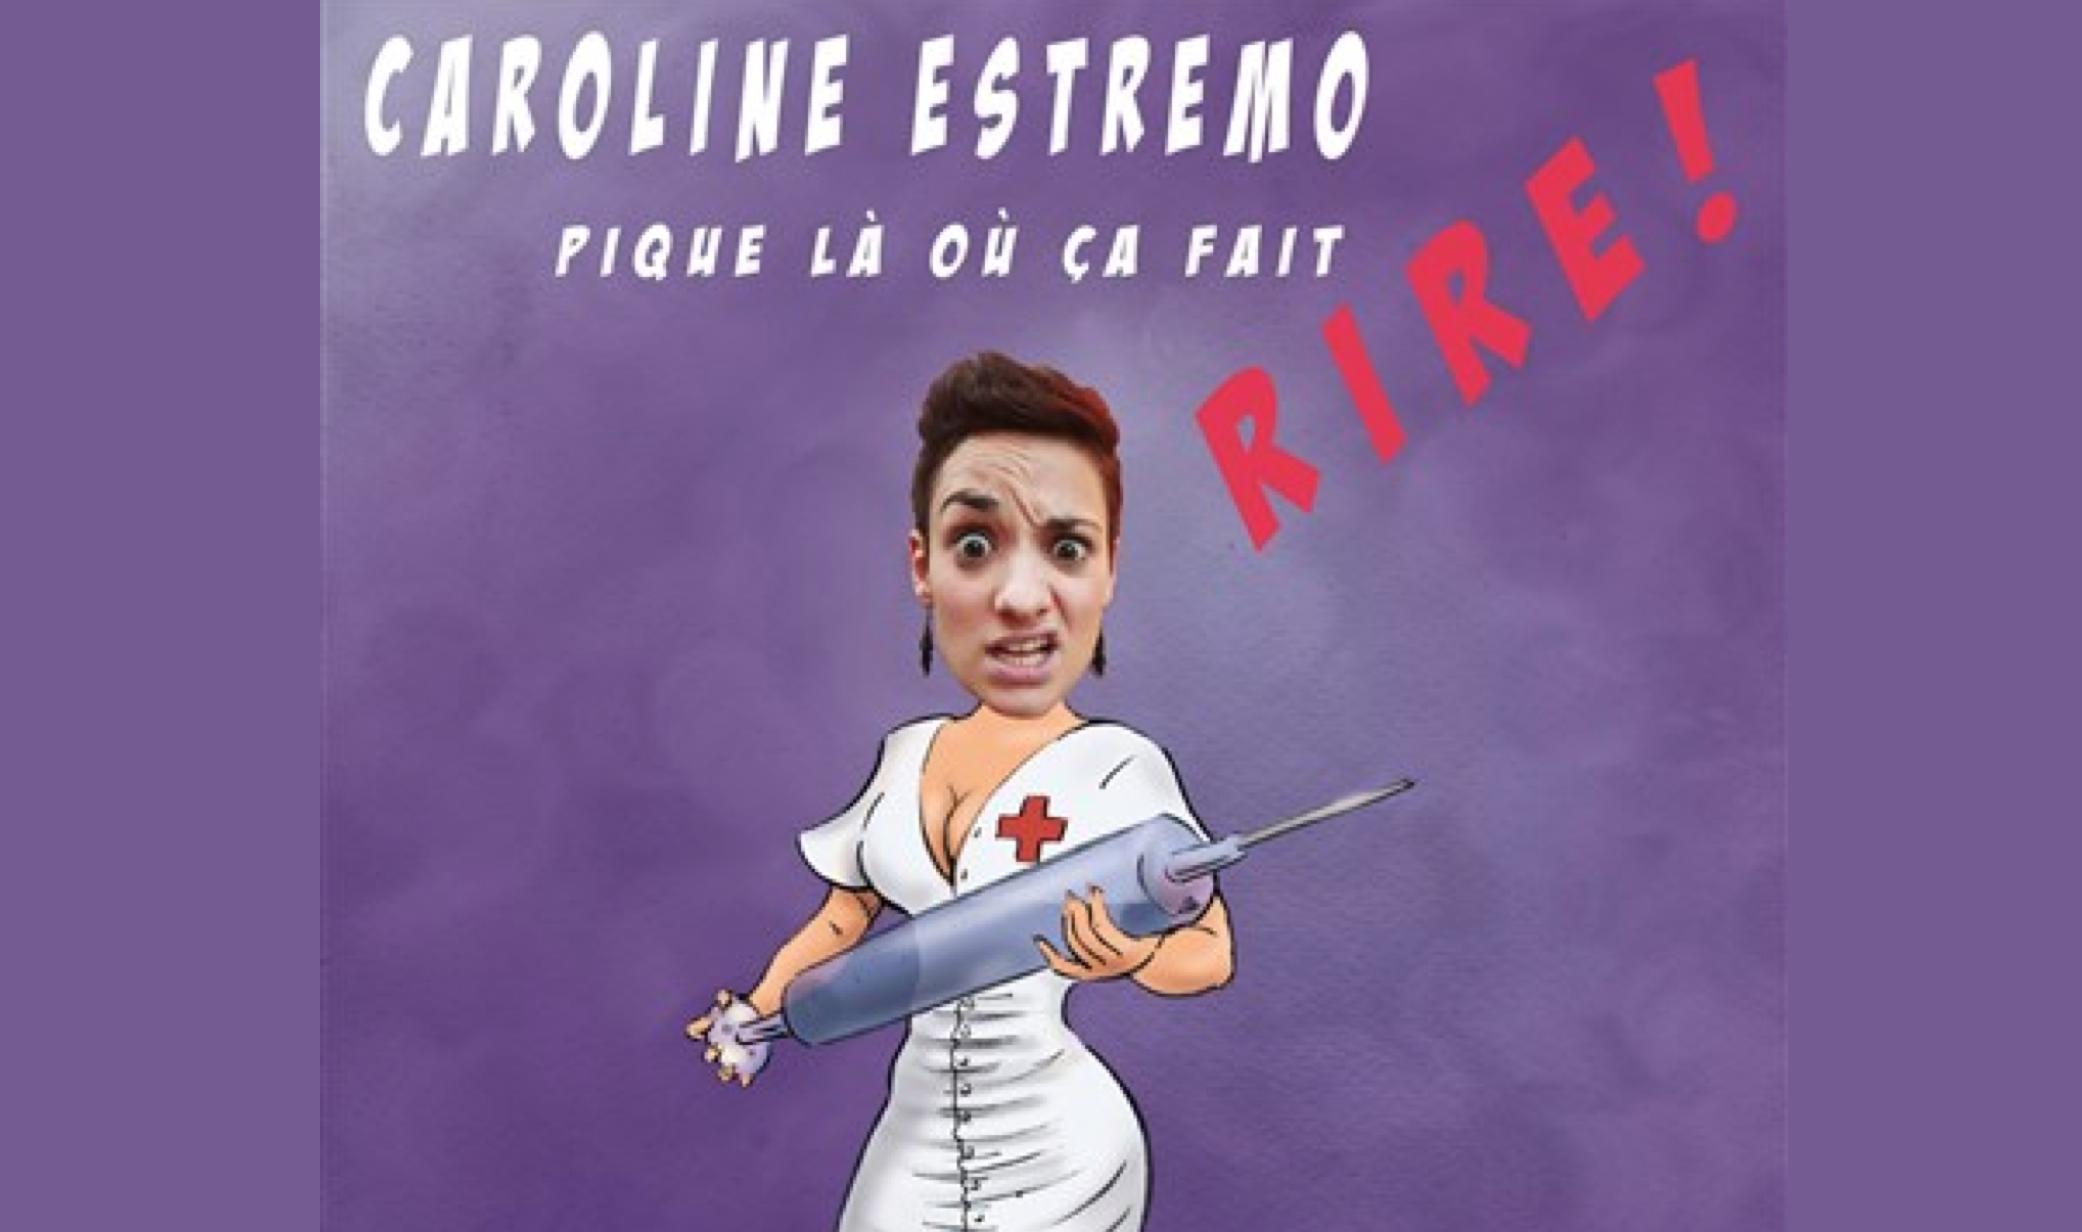 """""""Pique là où ça fait rire"""" - Caroline Estremo se lance dans le spectacle !"""